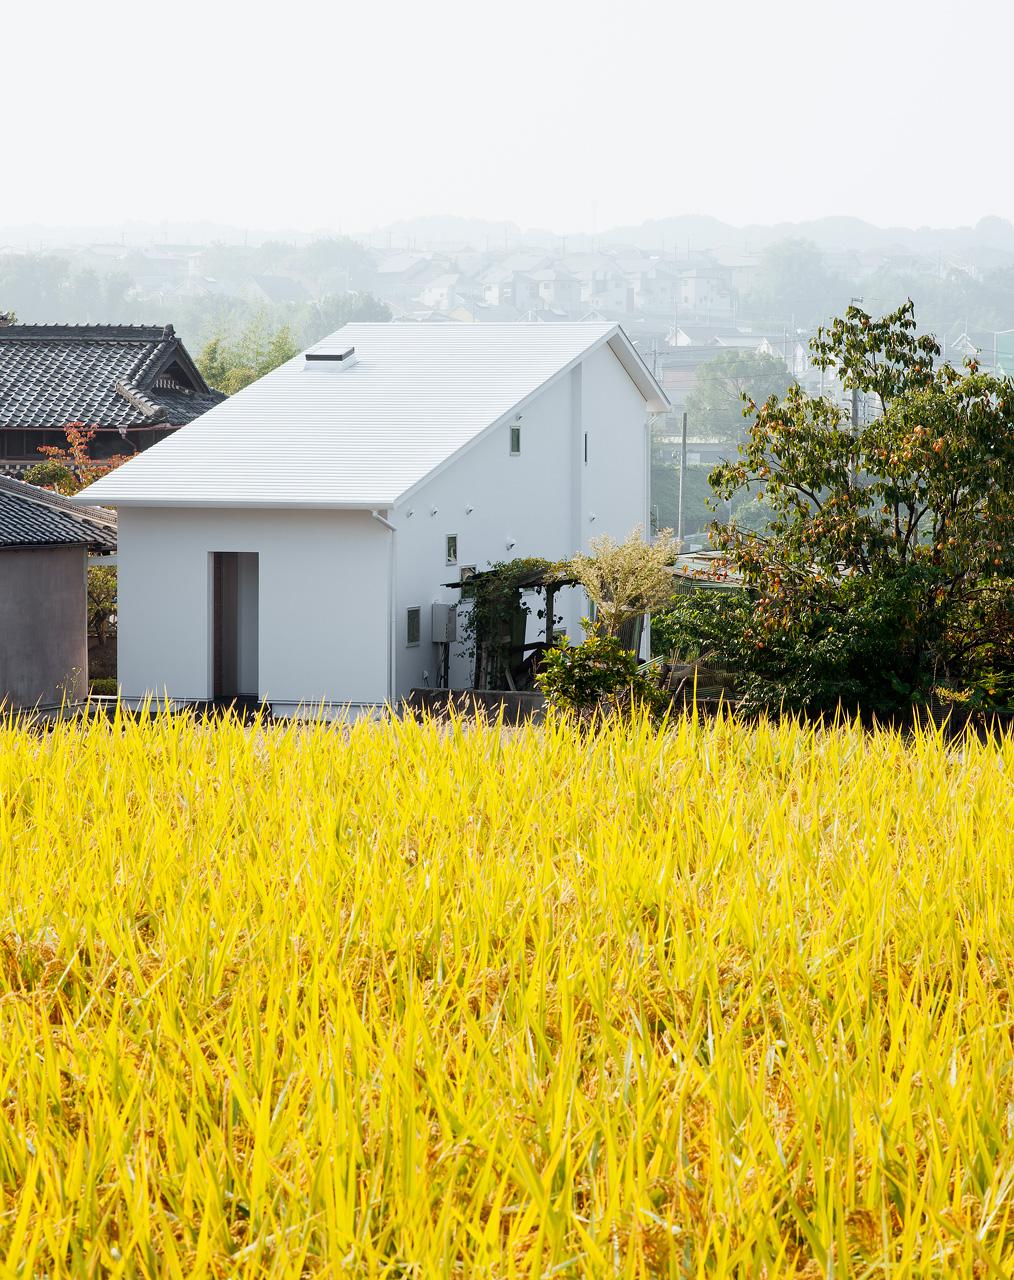 敷地の周囲には田園風景がひろがっています